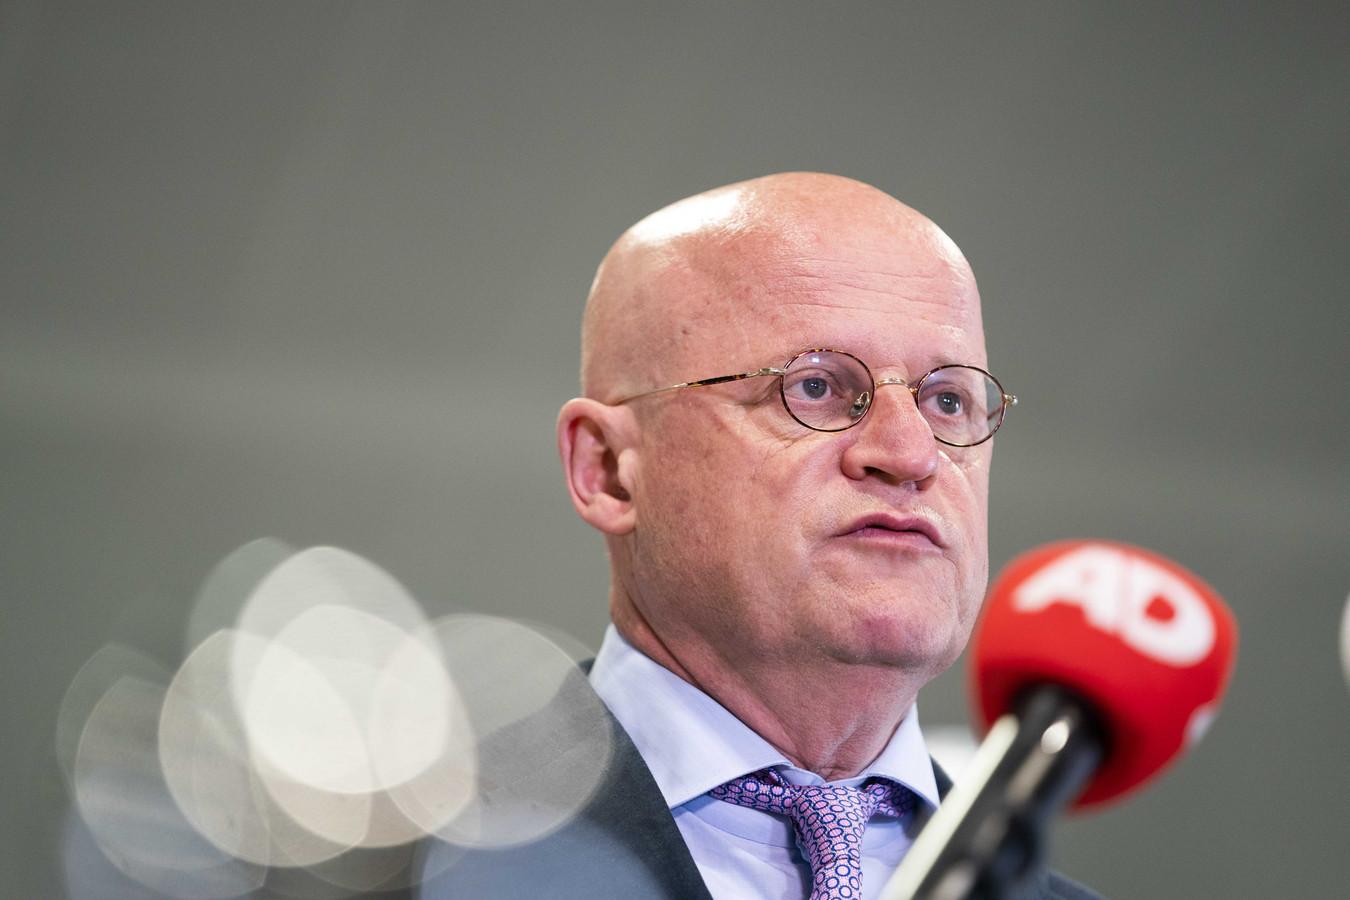 Demissionair minister Grapperhaus wil doxing voortaan strafbaar stellen.